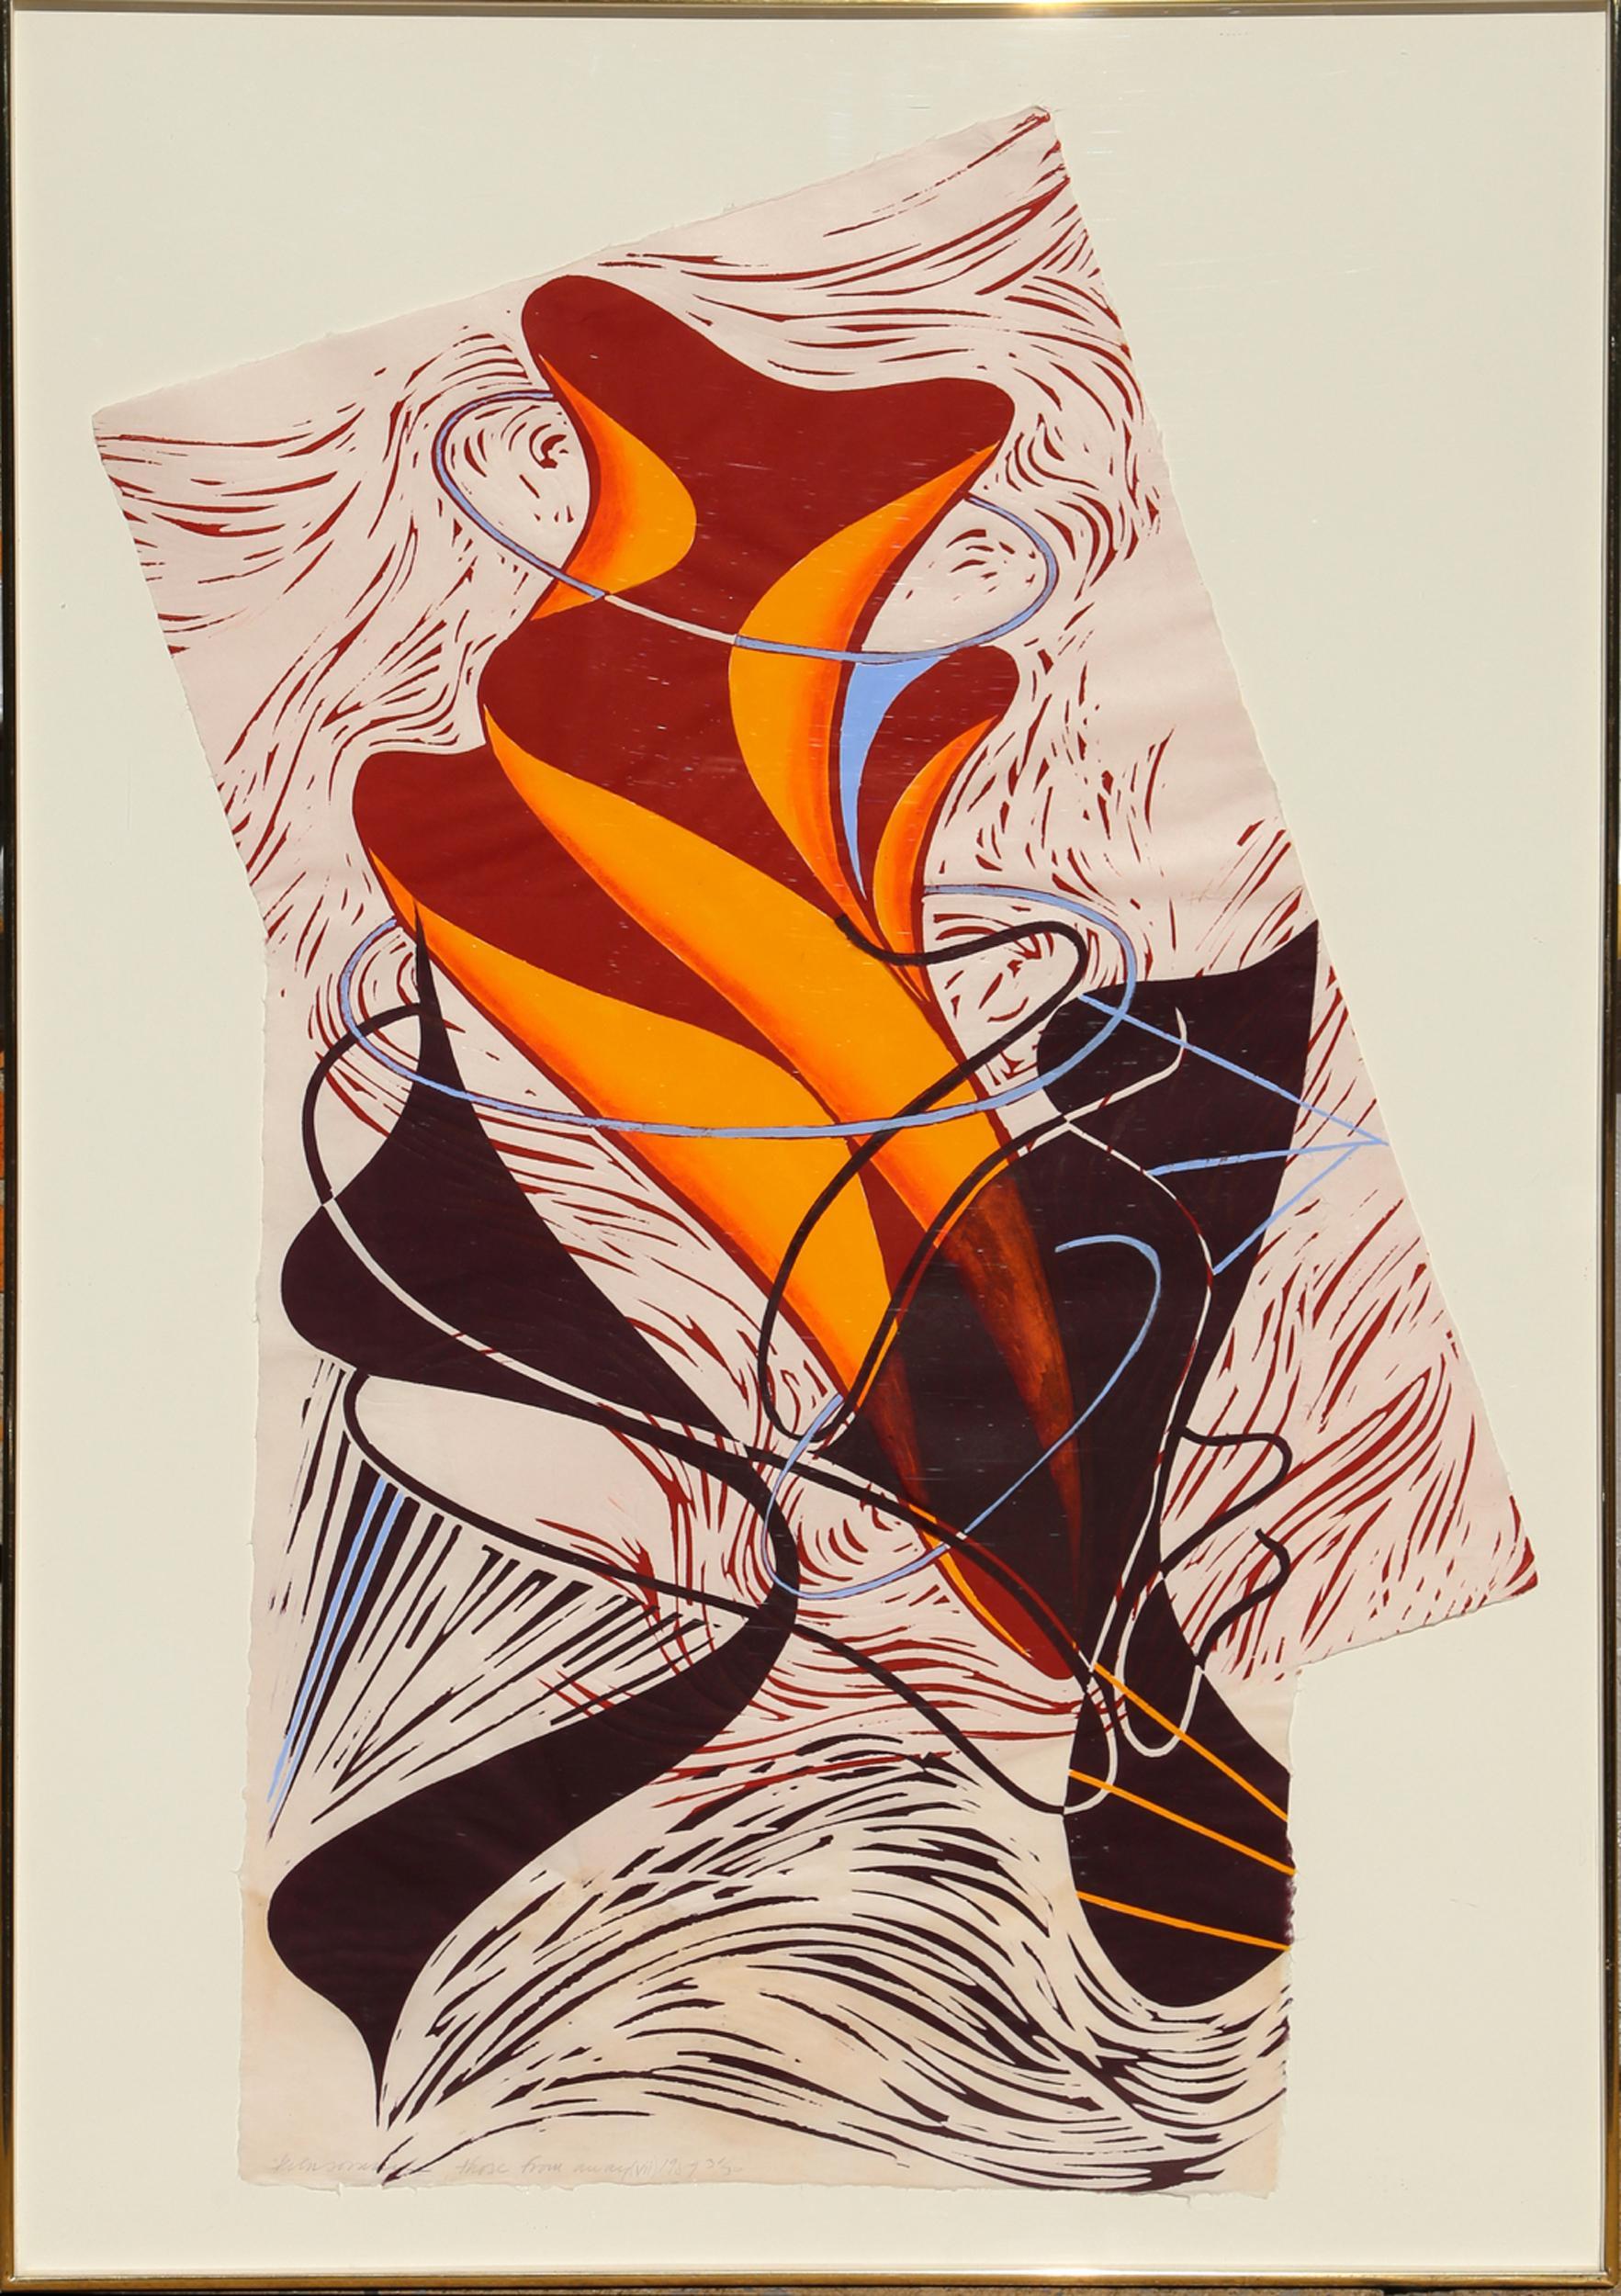 Steven Sorman, Those From Away (VII), Linocut